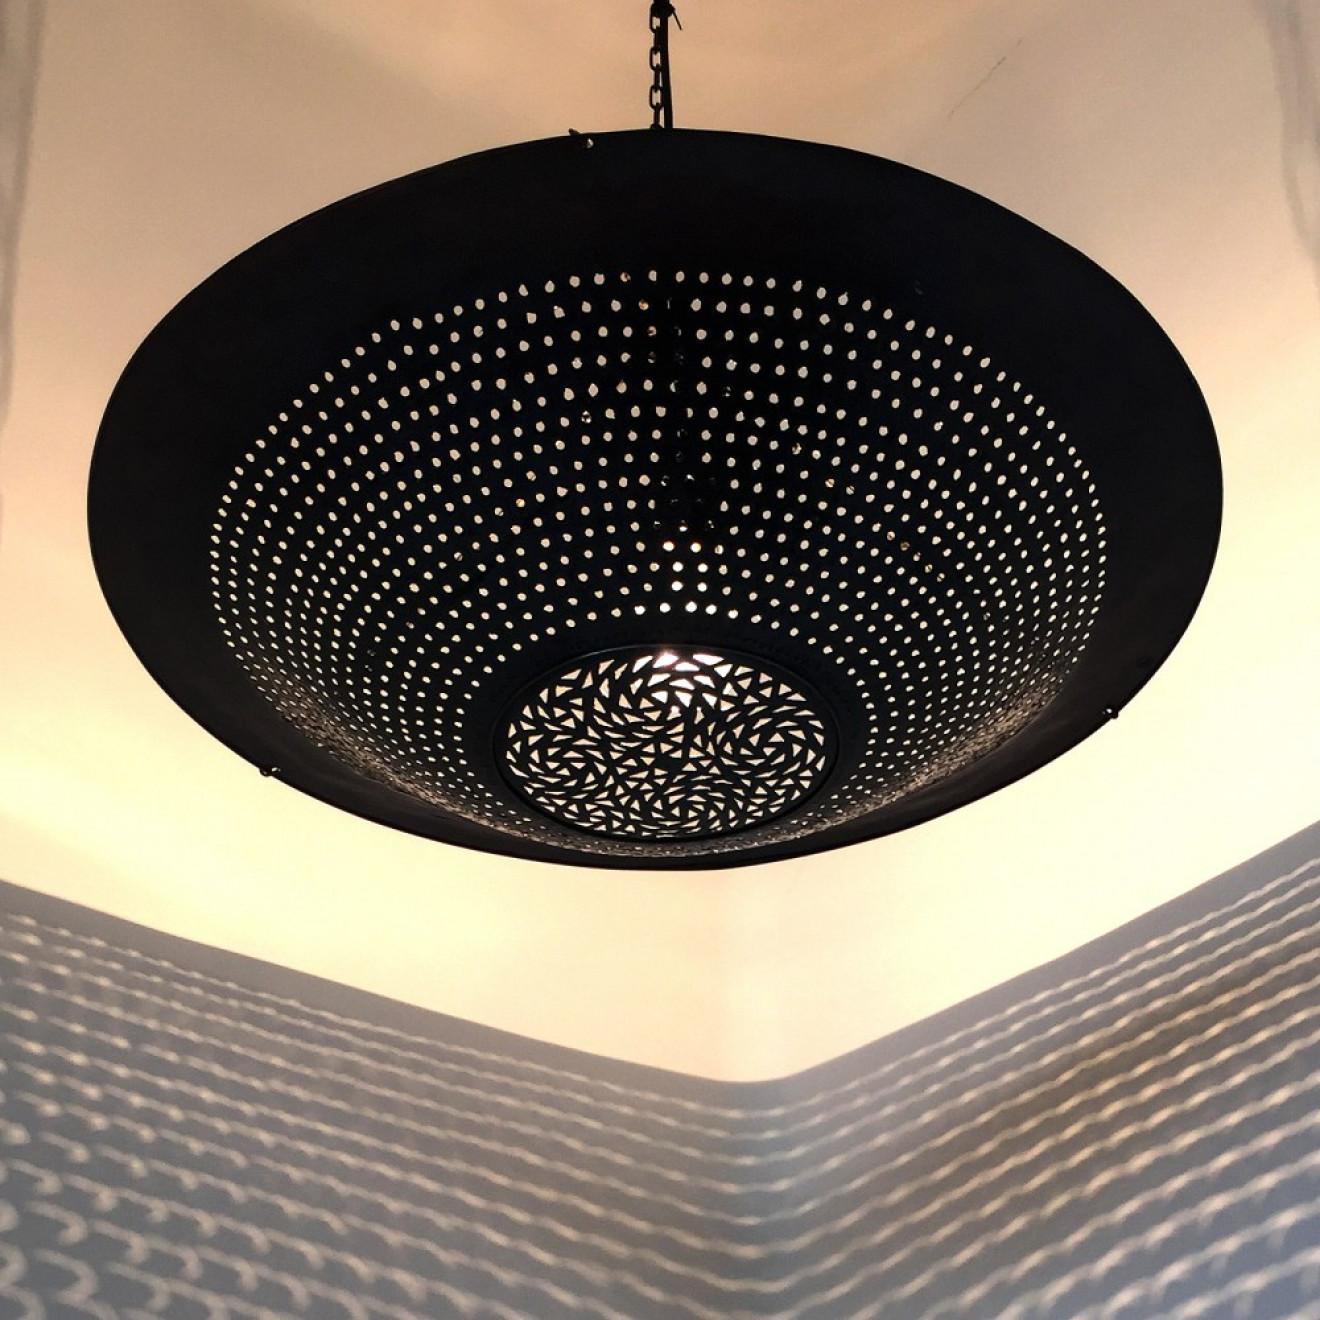 Orientalische Deckenlampe Marokko Lampe Wandleuchte Hängeleuchte ...